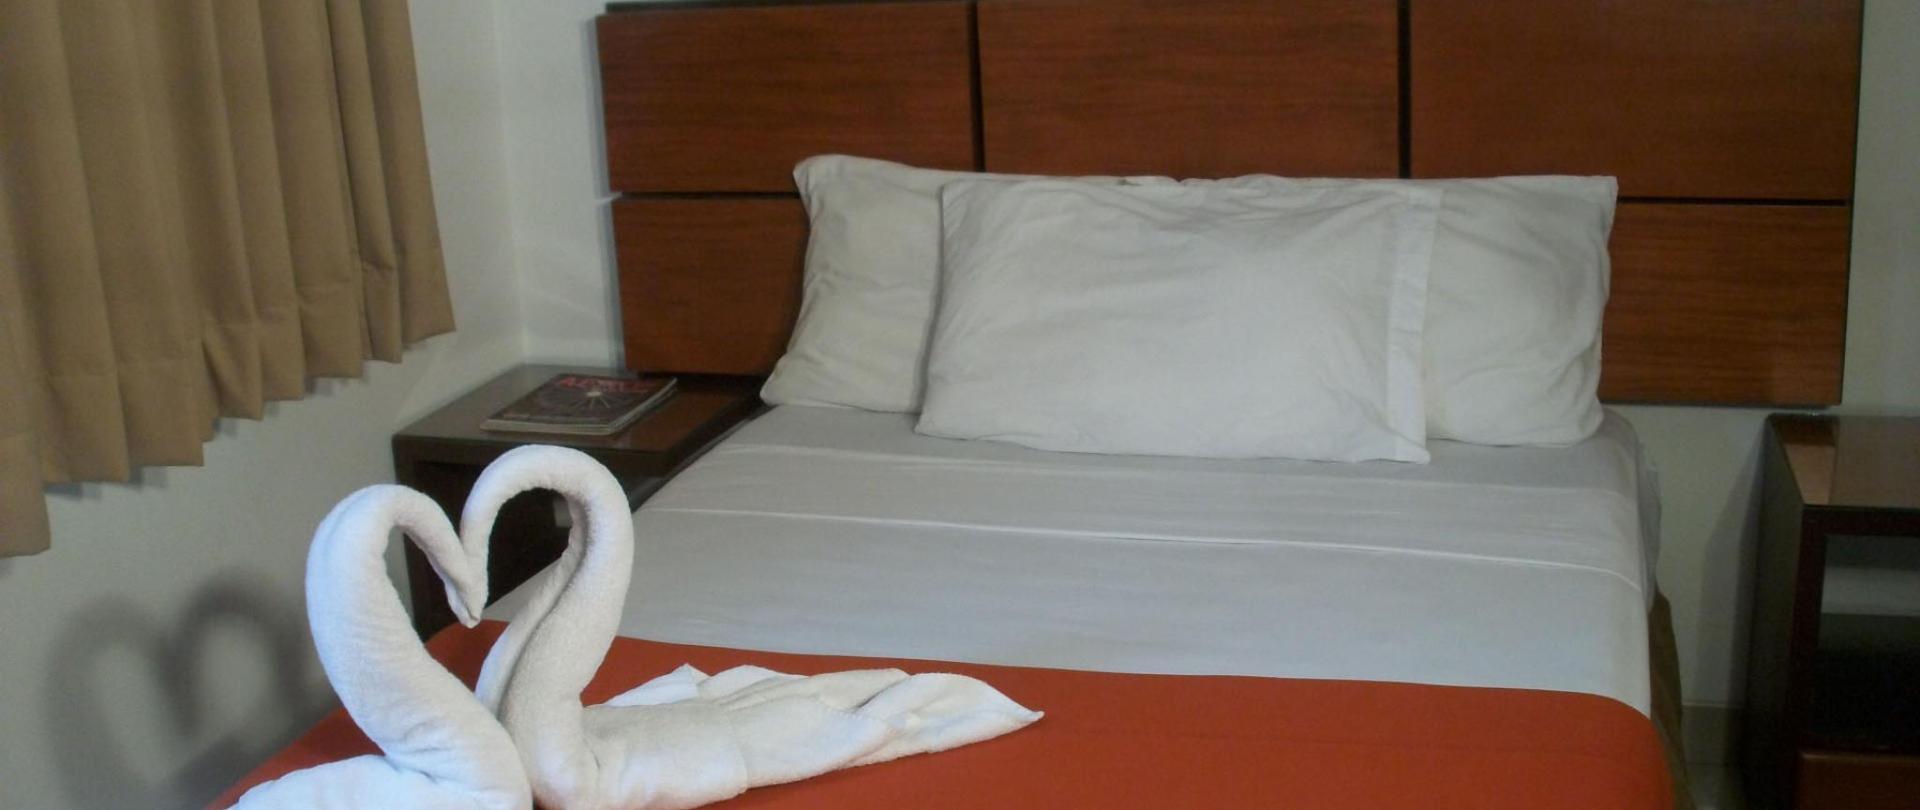 apart-suites-20.jpg